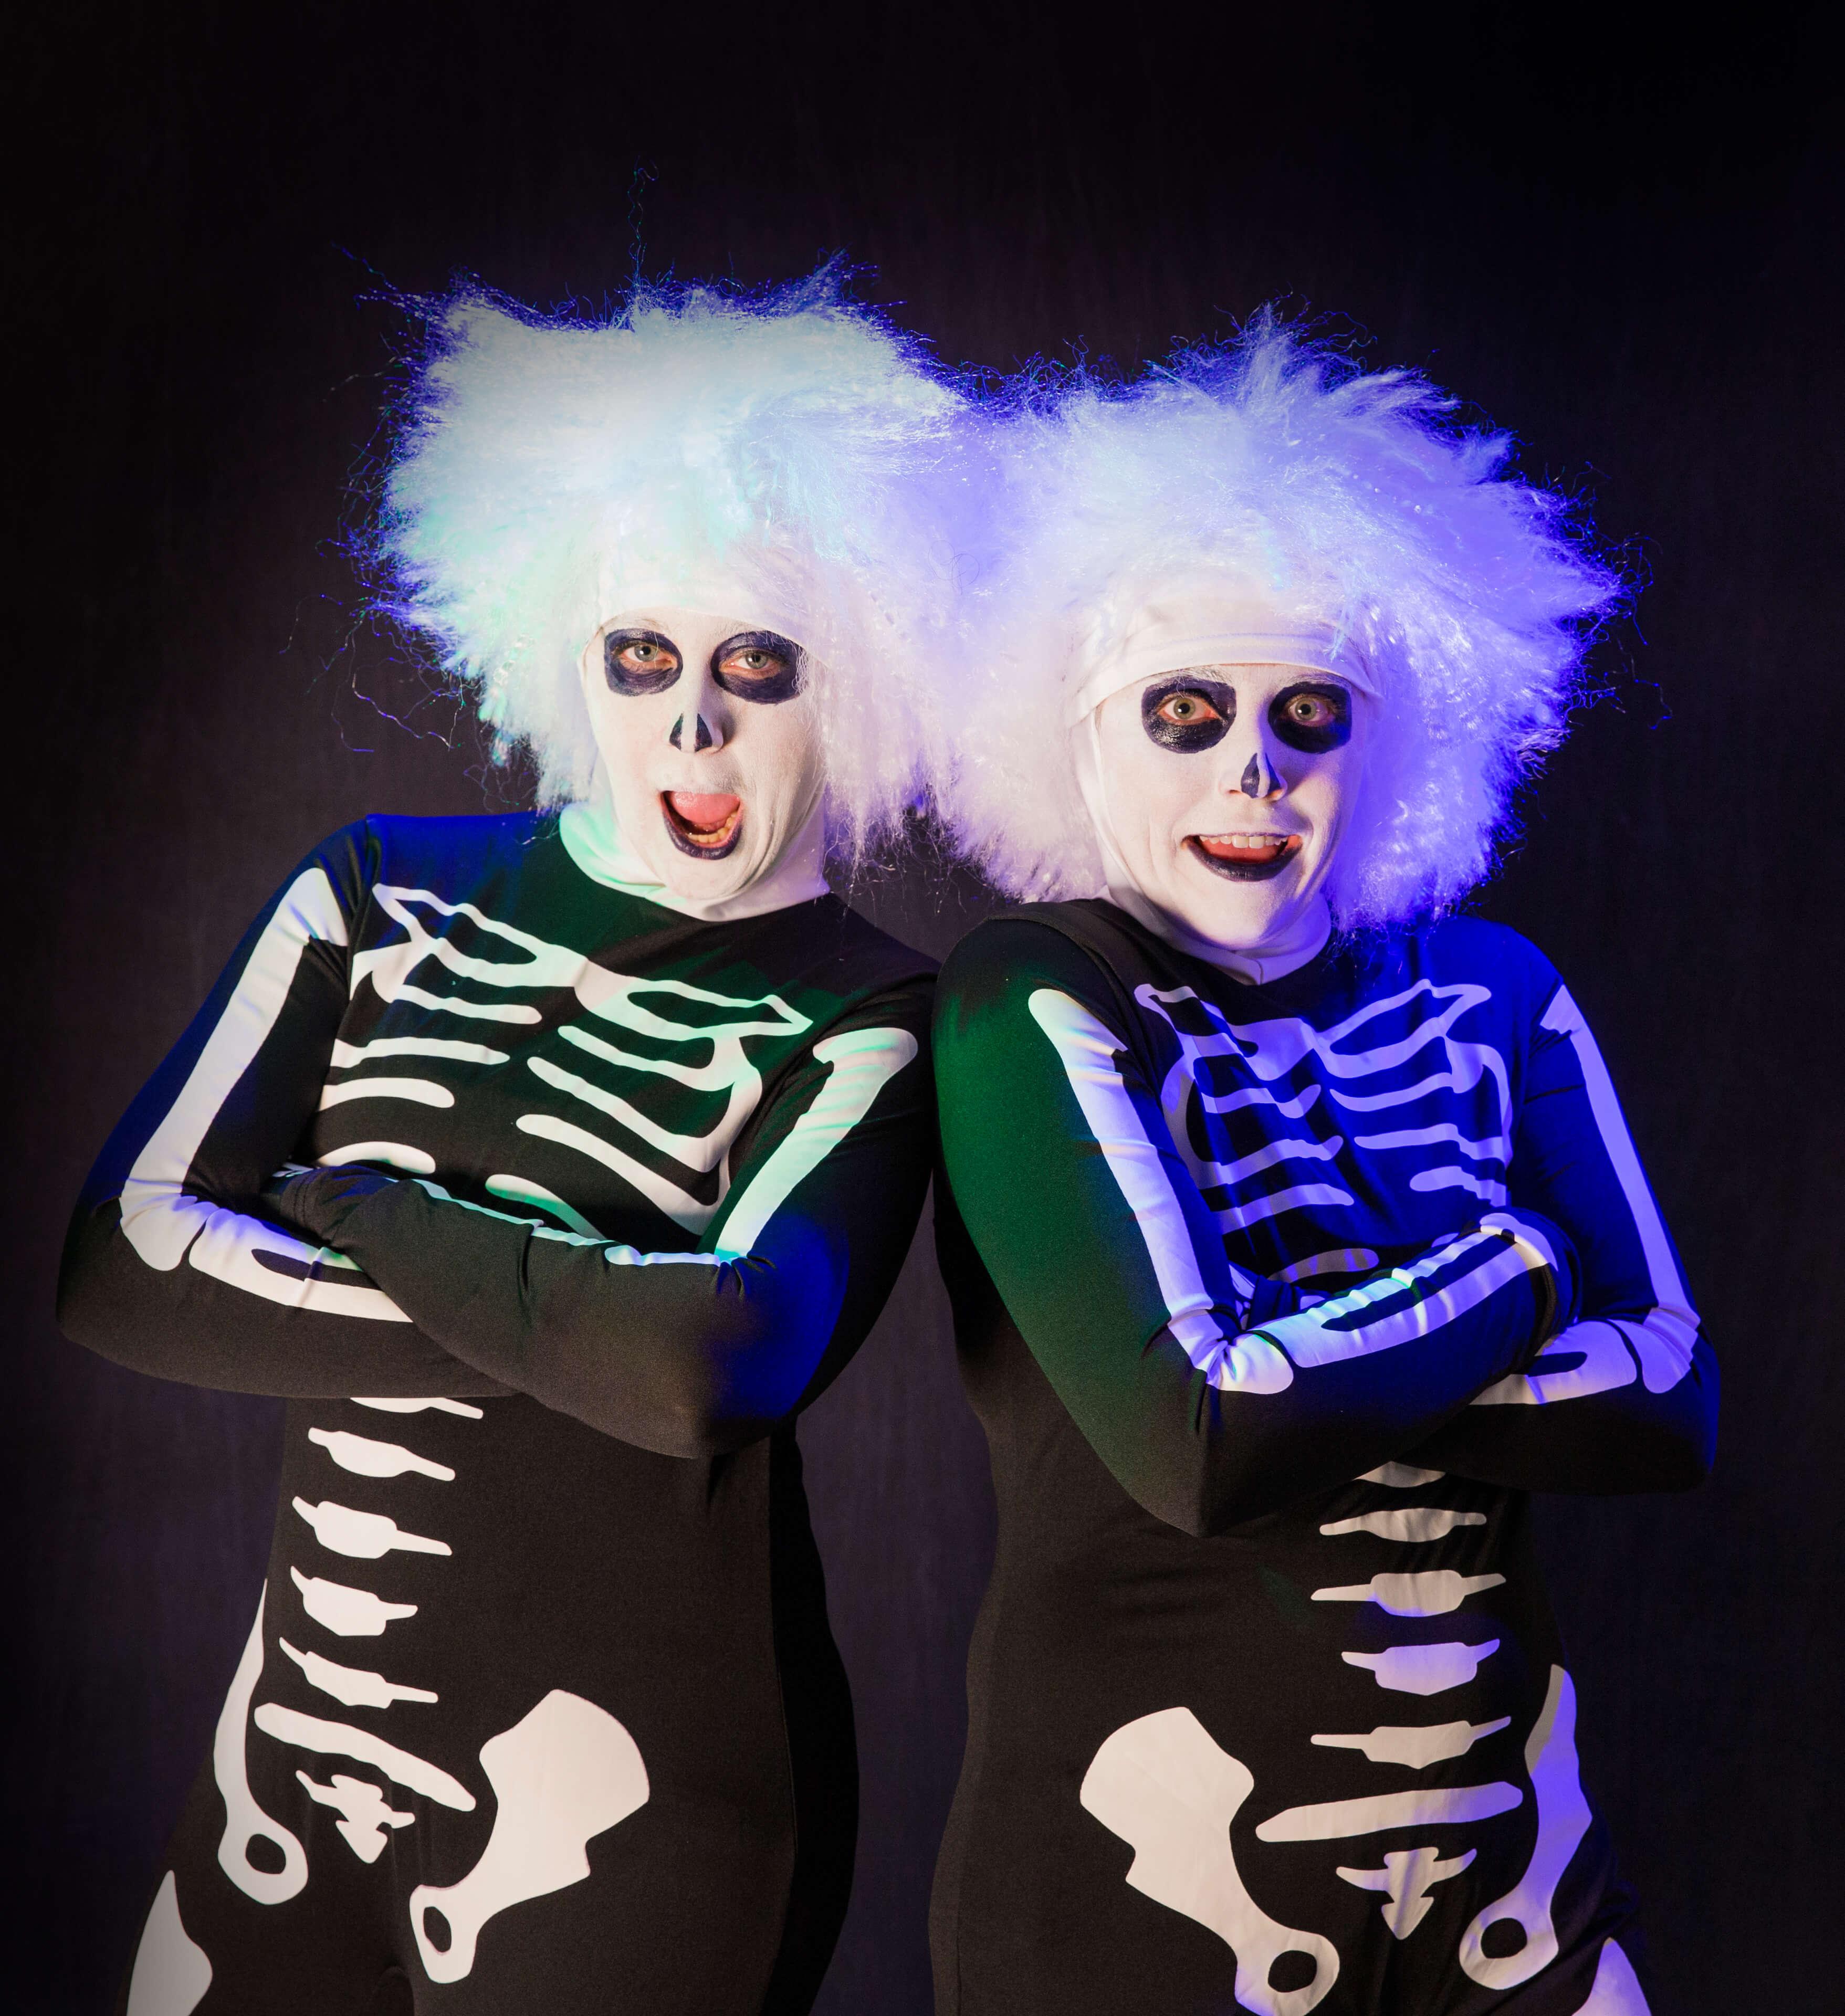 Skeletons from David Pumpkins